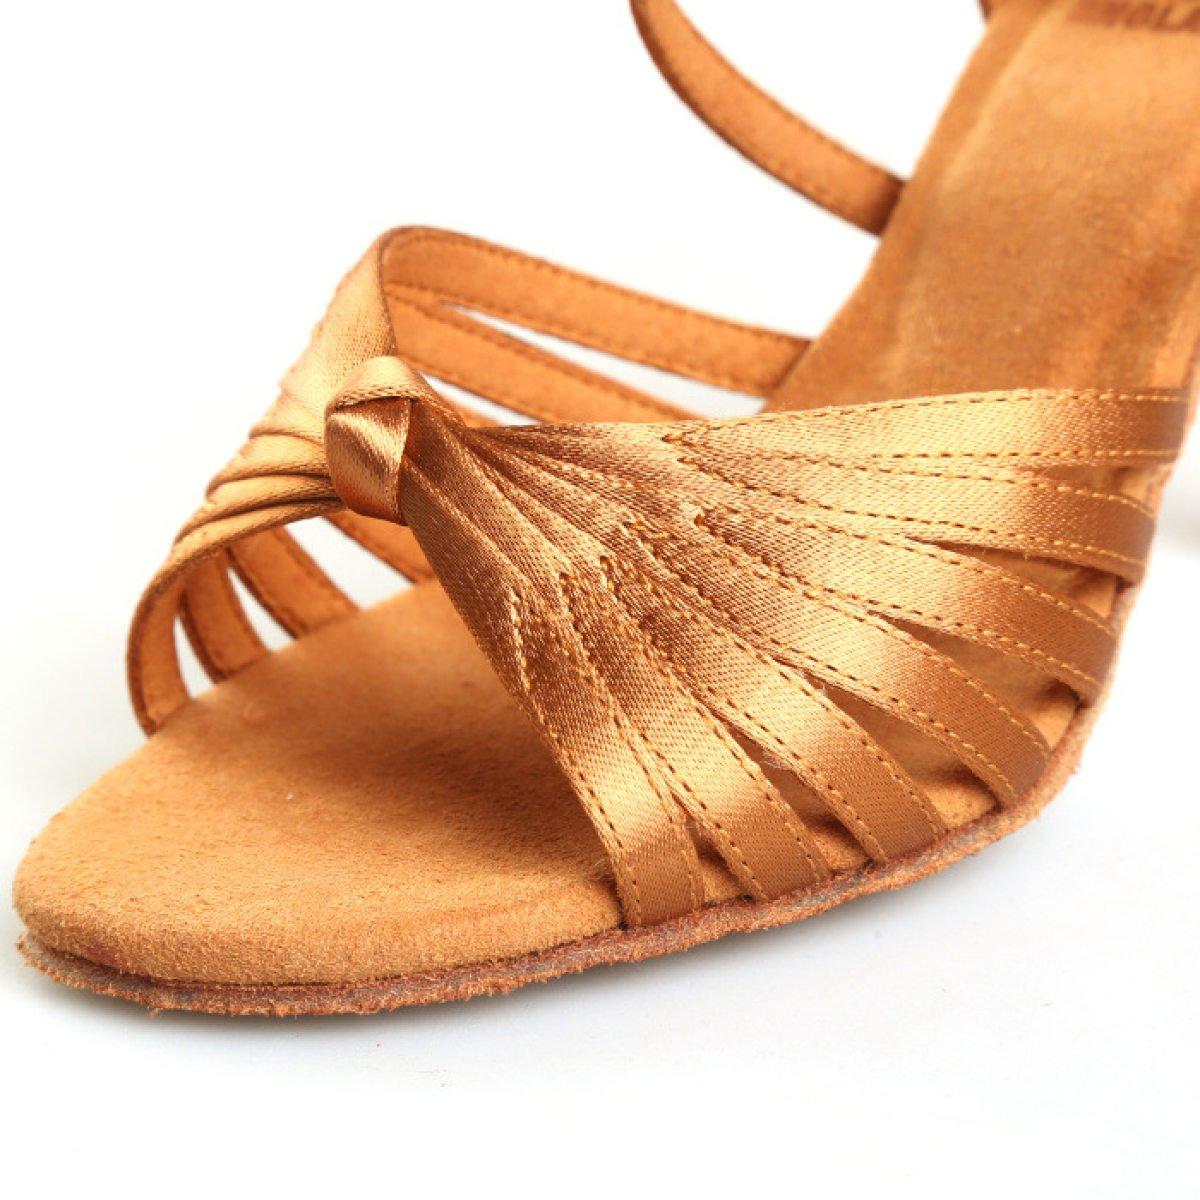 Chaussures Professionnelles Latines Des Femmes Fille  Satin Supérieure  Fille s Salsa / Salle De Bal Danse Chaussures Med (plus De Couleurs),Gold-36 - B0721952FH - Danse 61bee8